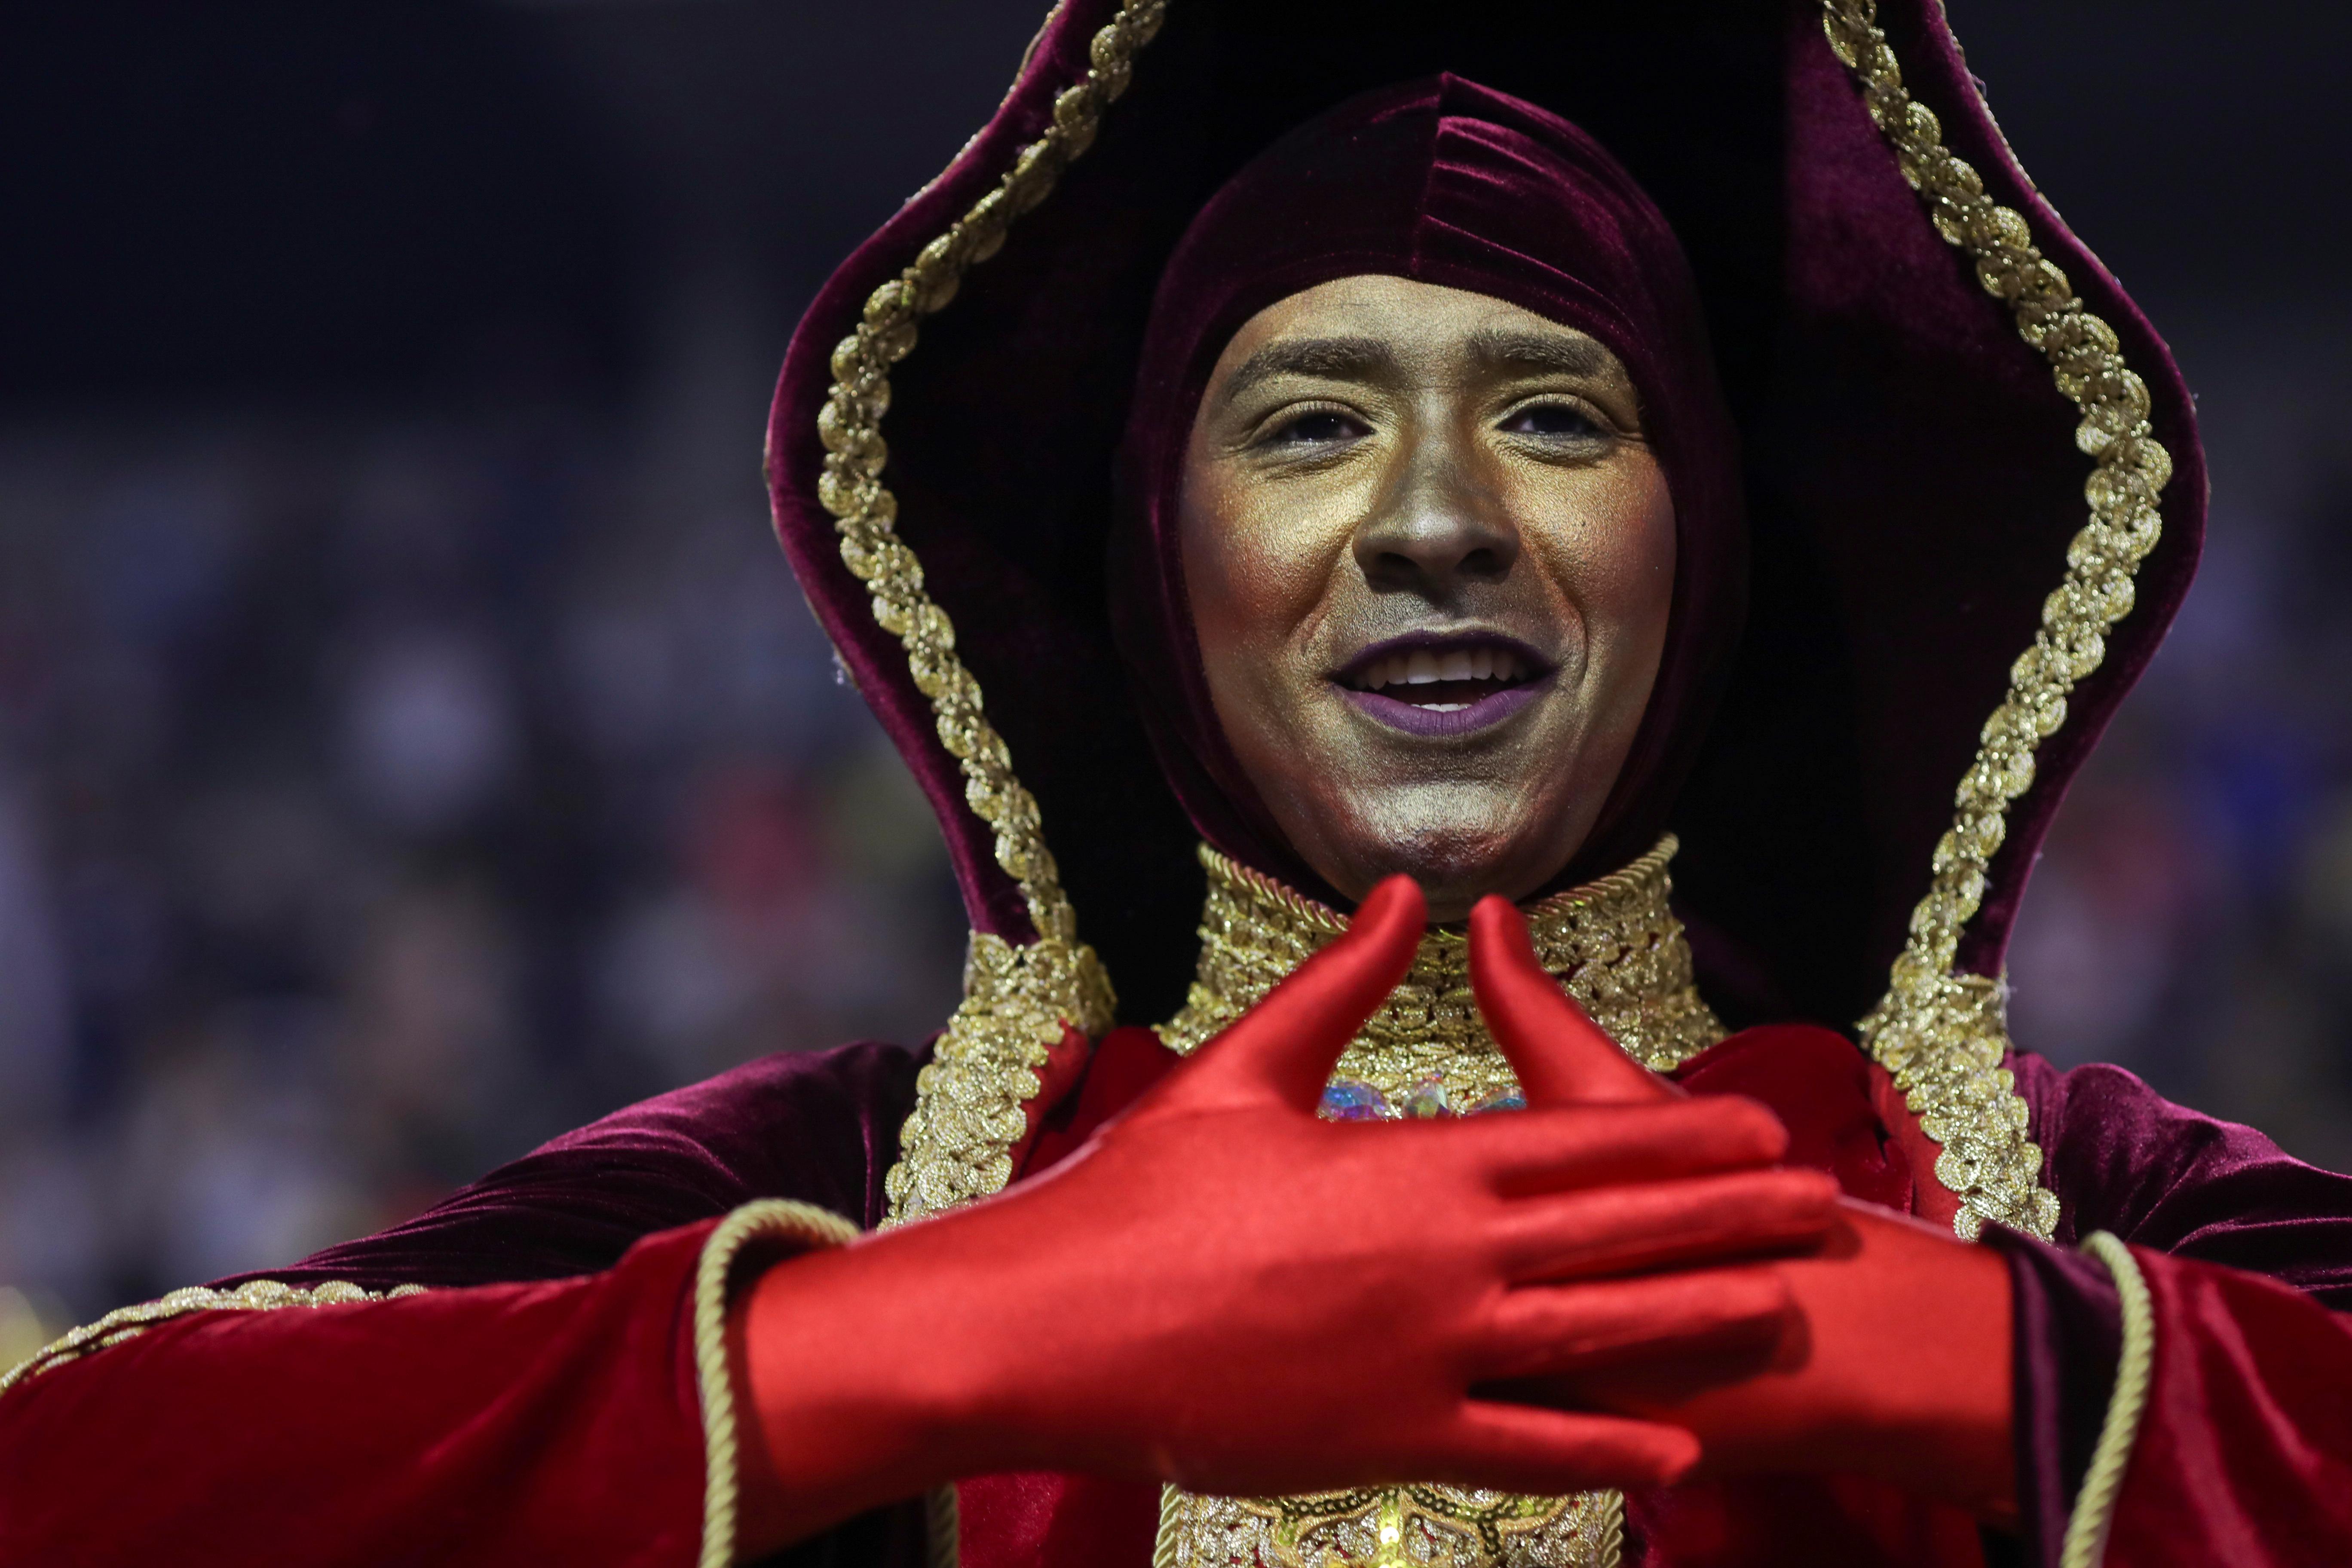 Miles de personas llegaron a ver el inicio del carnaval en San Pablo (REUTERS/Amanda Perobelli)